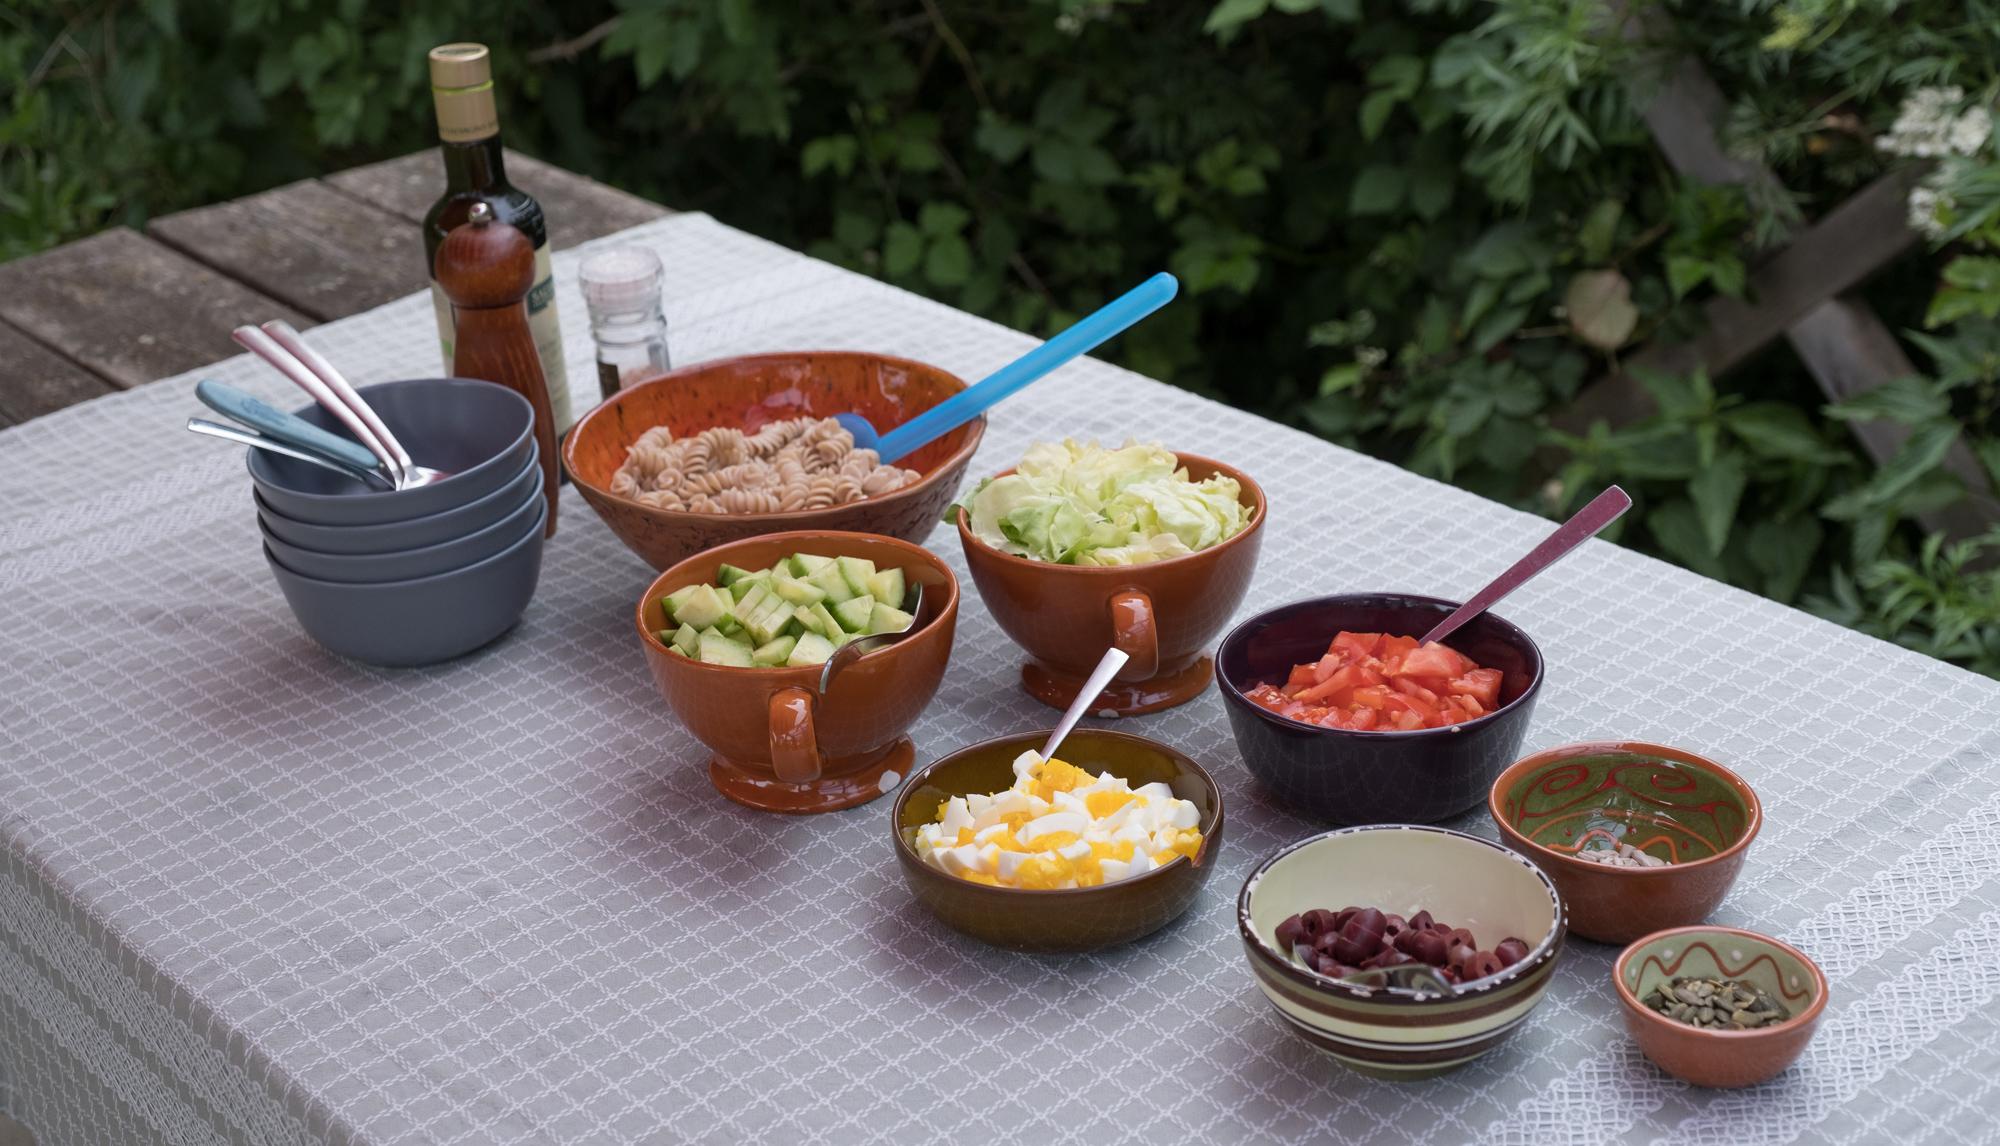 Zelf-bedenk-pastasalade